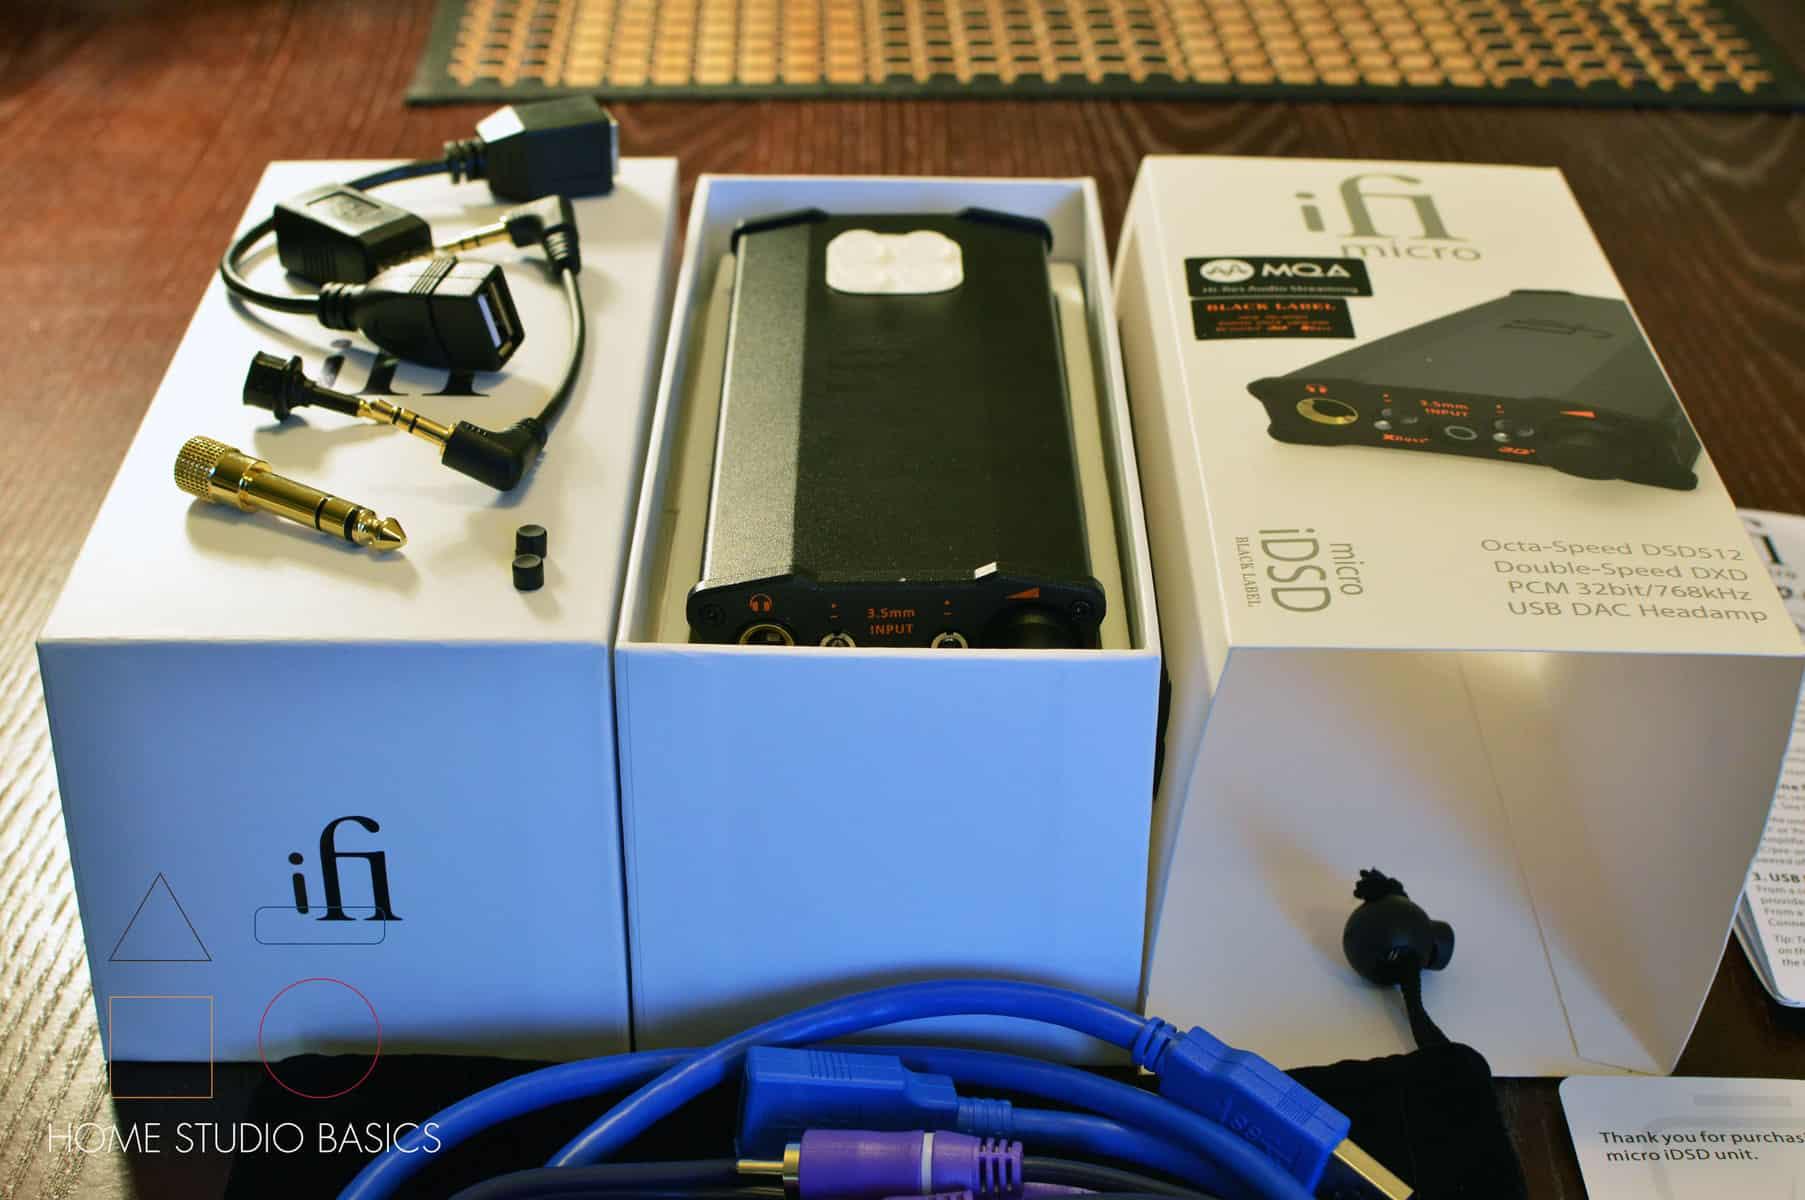 iFi micro iDSD Black Label